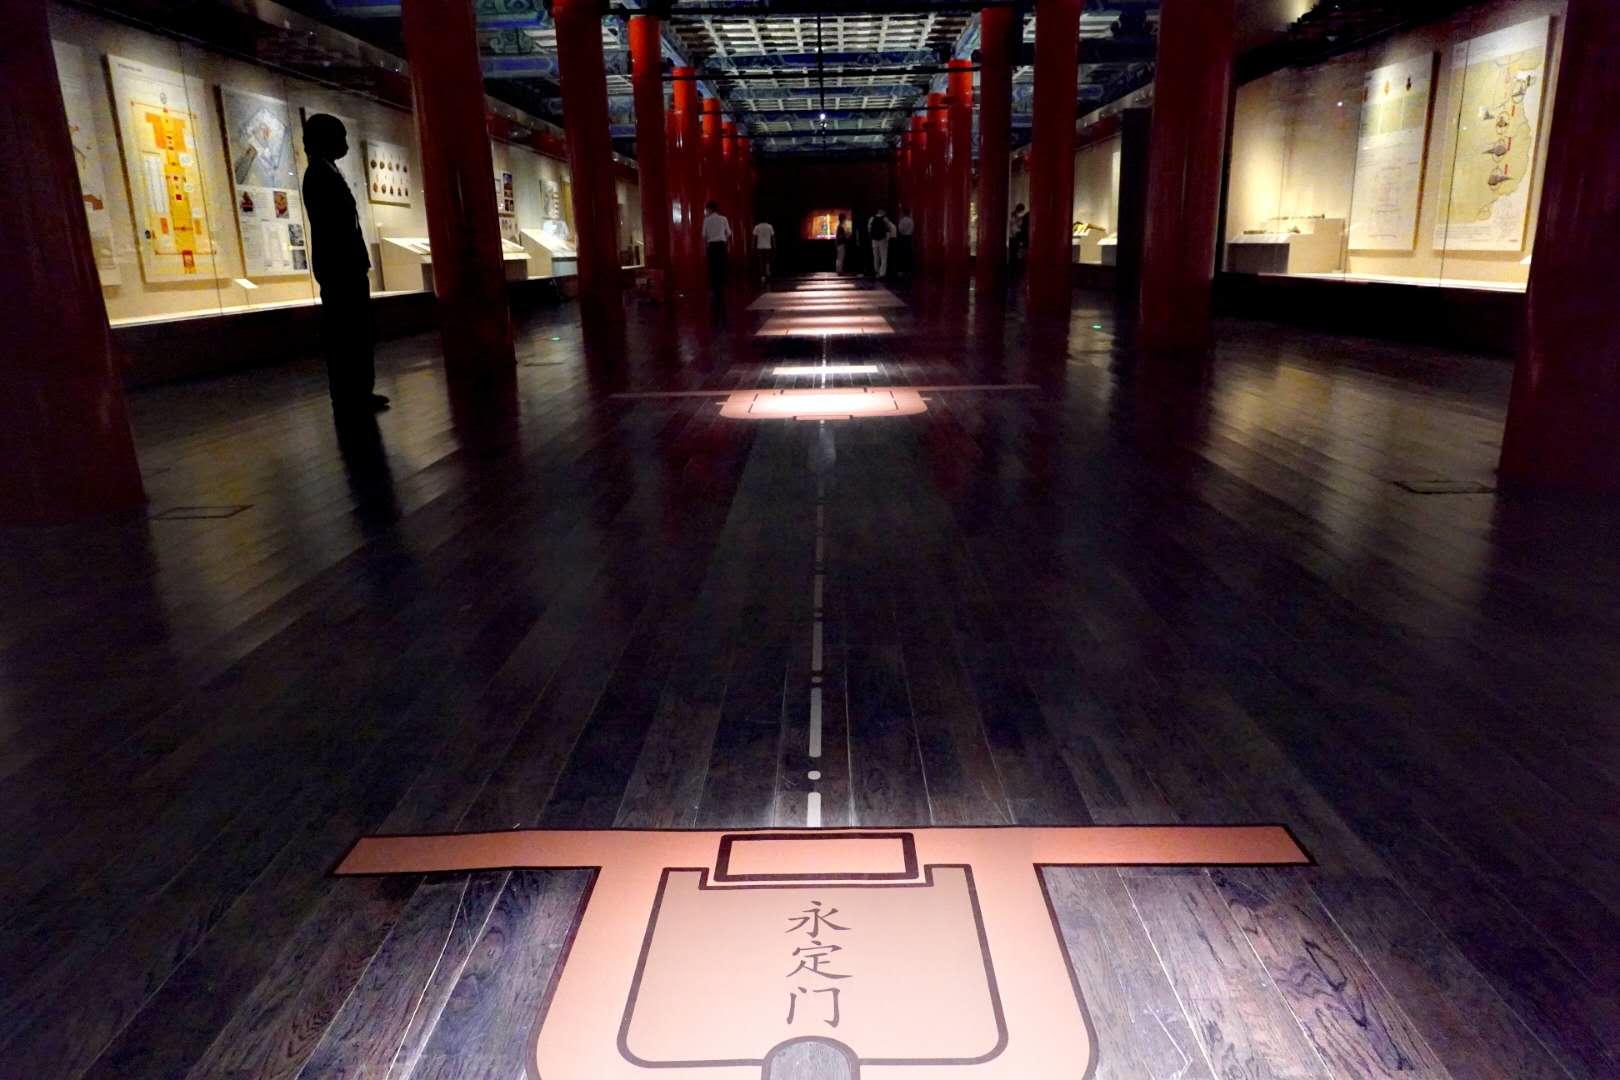 紫禁城建成六百年大展登场 深宫漆纱两百年来首展出_图1-3